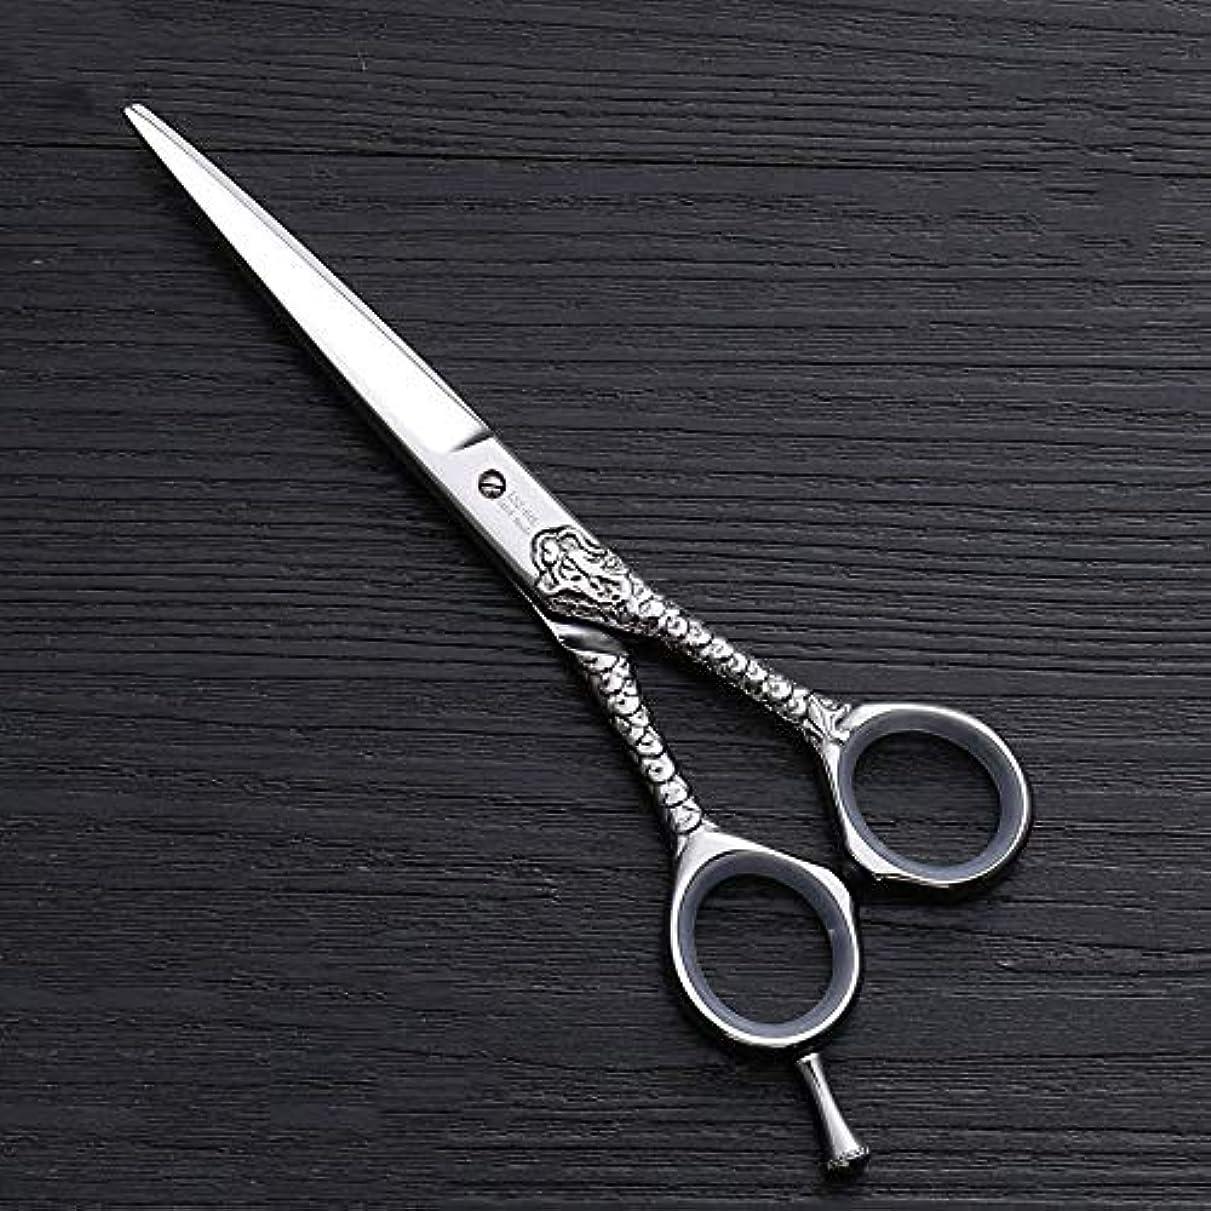 誠意ここに元に戻すハイエンドのパーソナライズされたプロのバリカン、6.0インチストレートプロのカット理髪はさみ モデリングツール (色 : Silver)